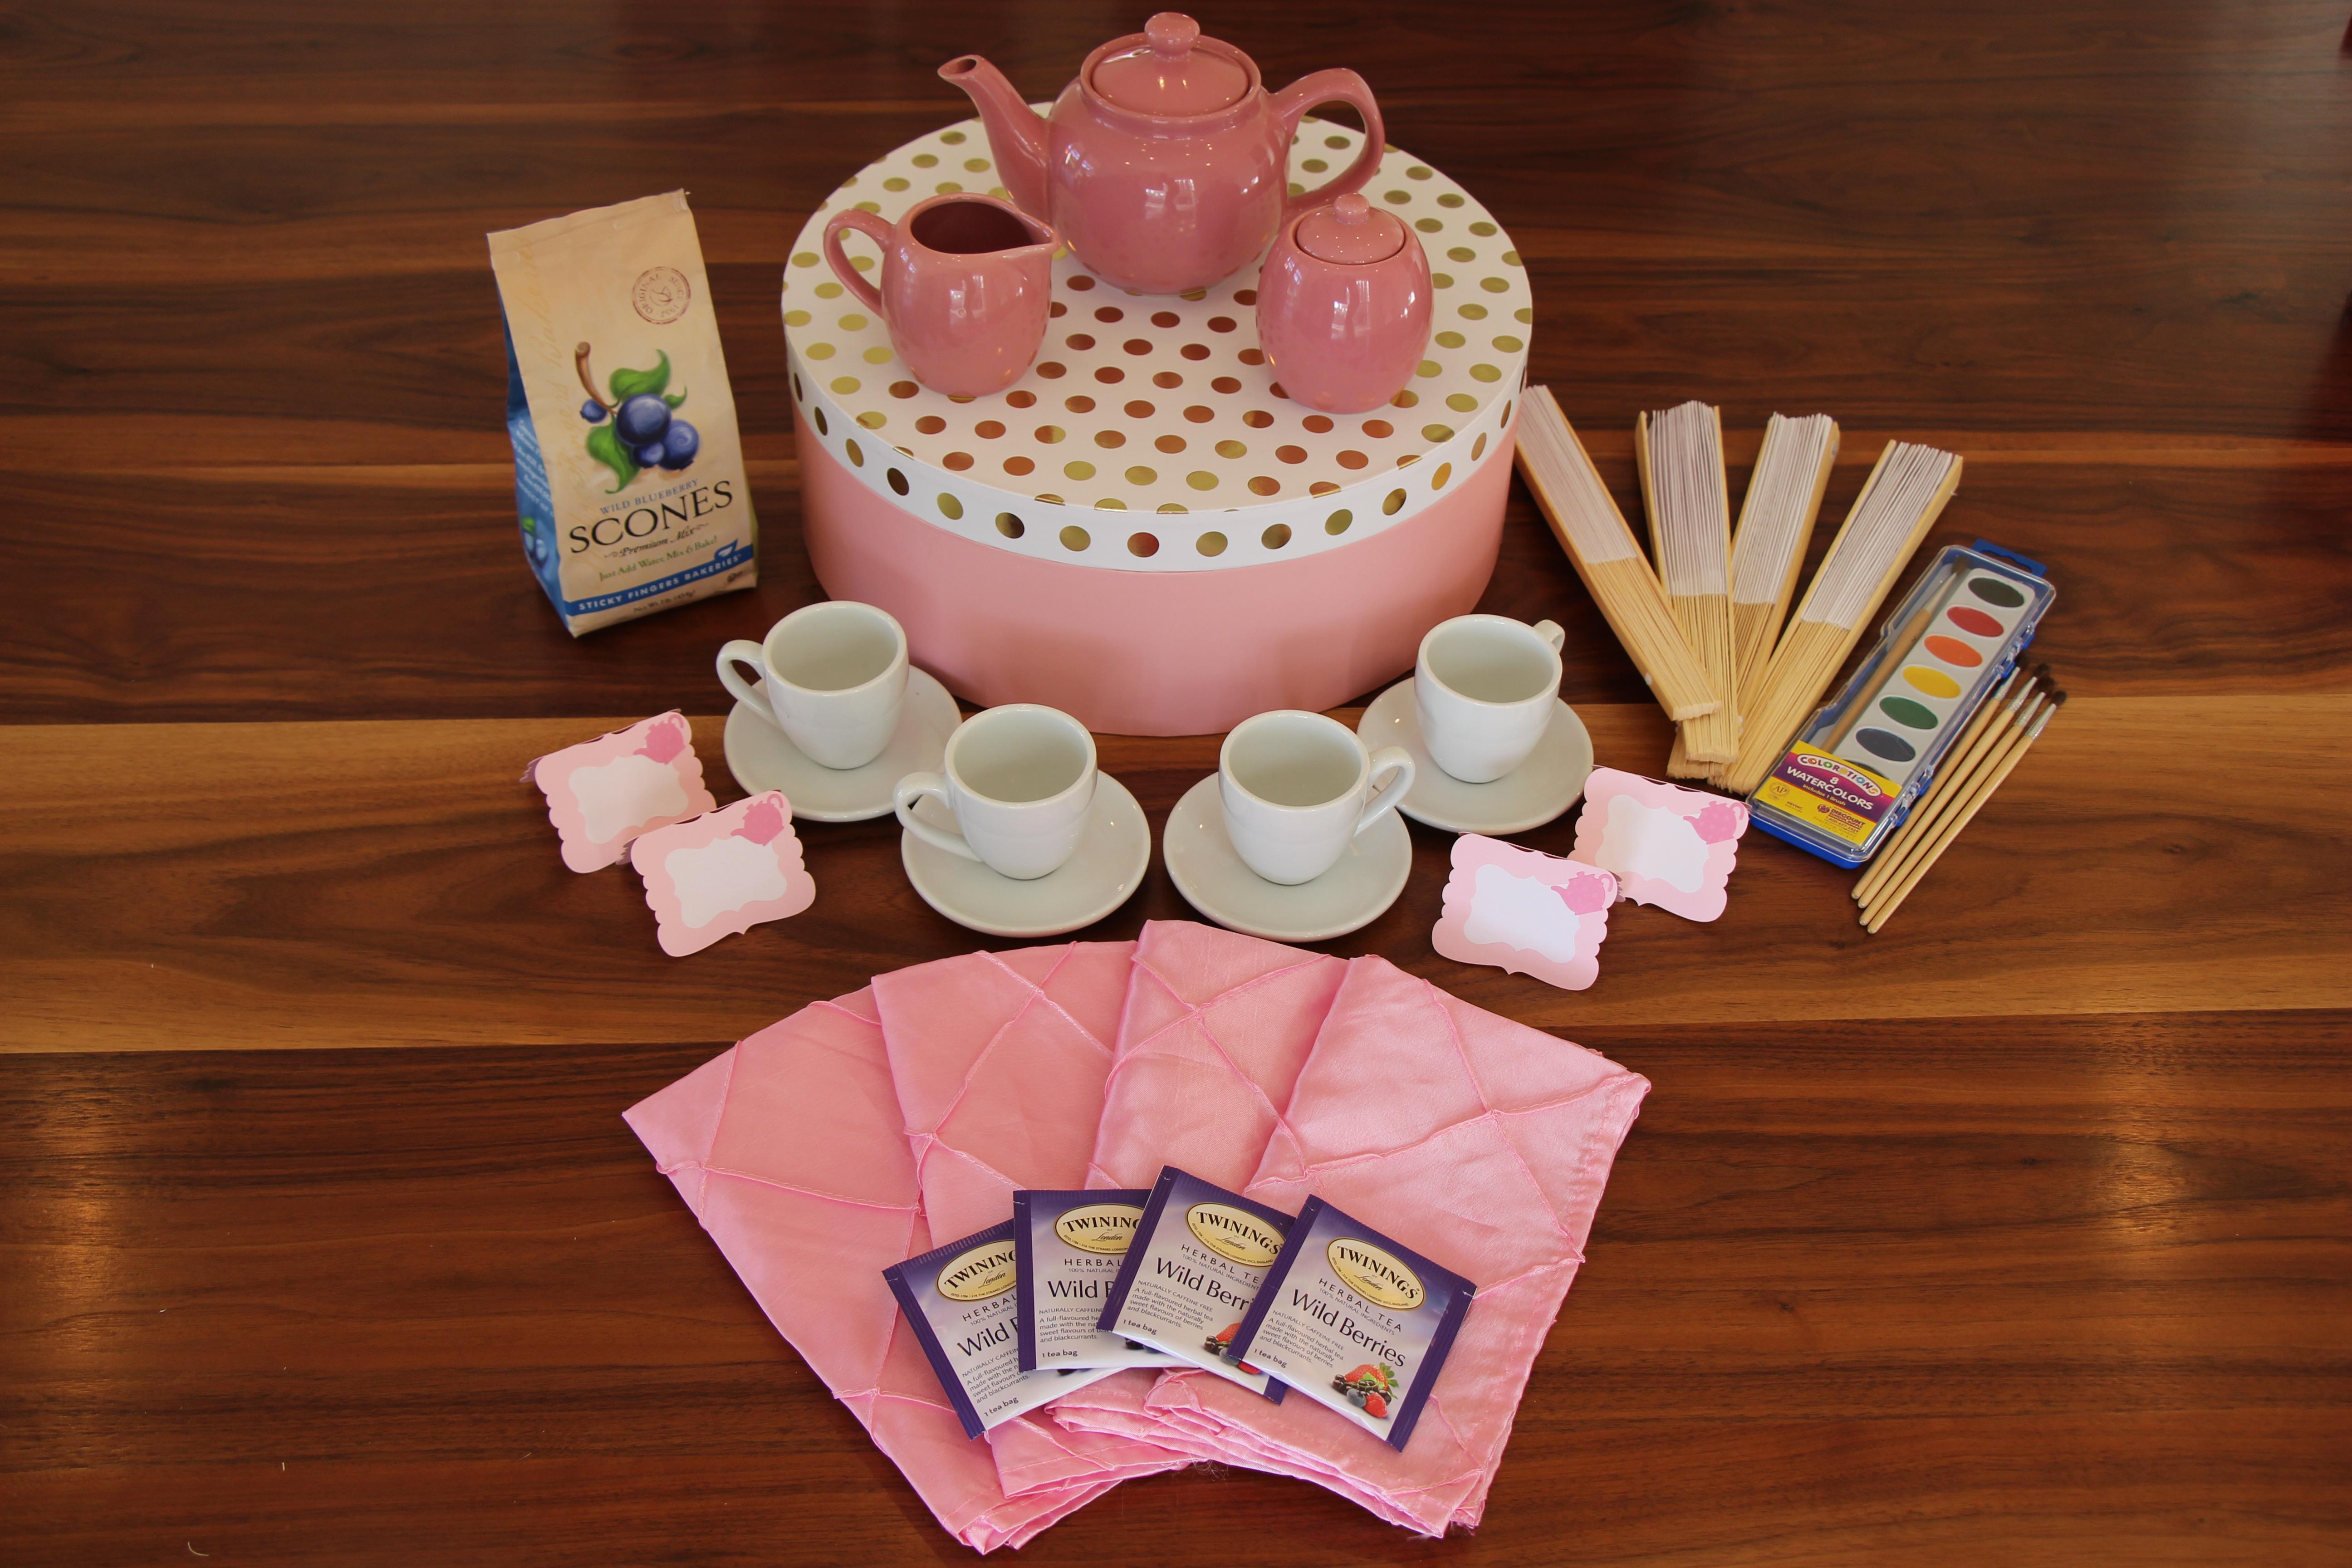 Tea set on display